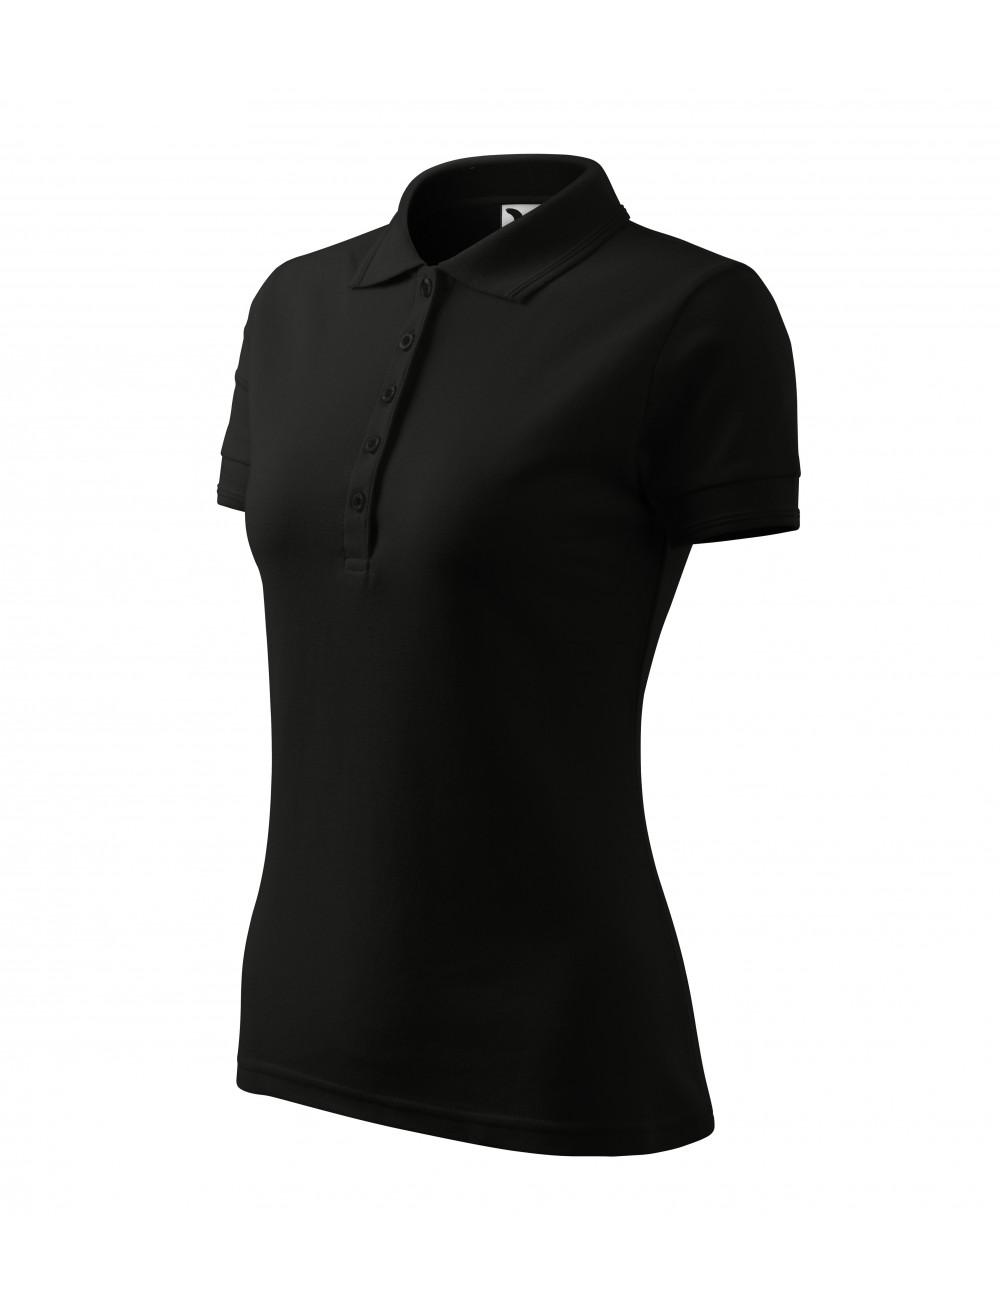 Adler MALFINI Koszulka polo damska Pique Polo 210 czarny